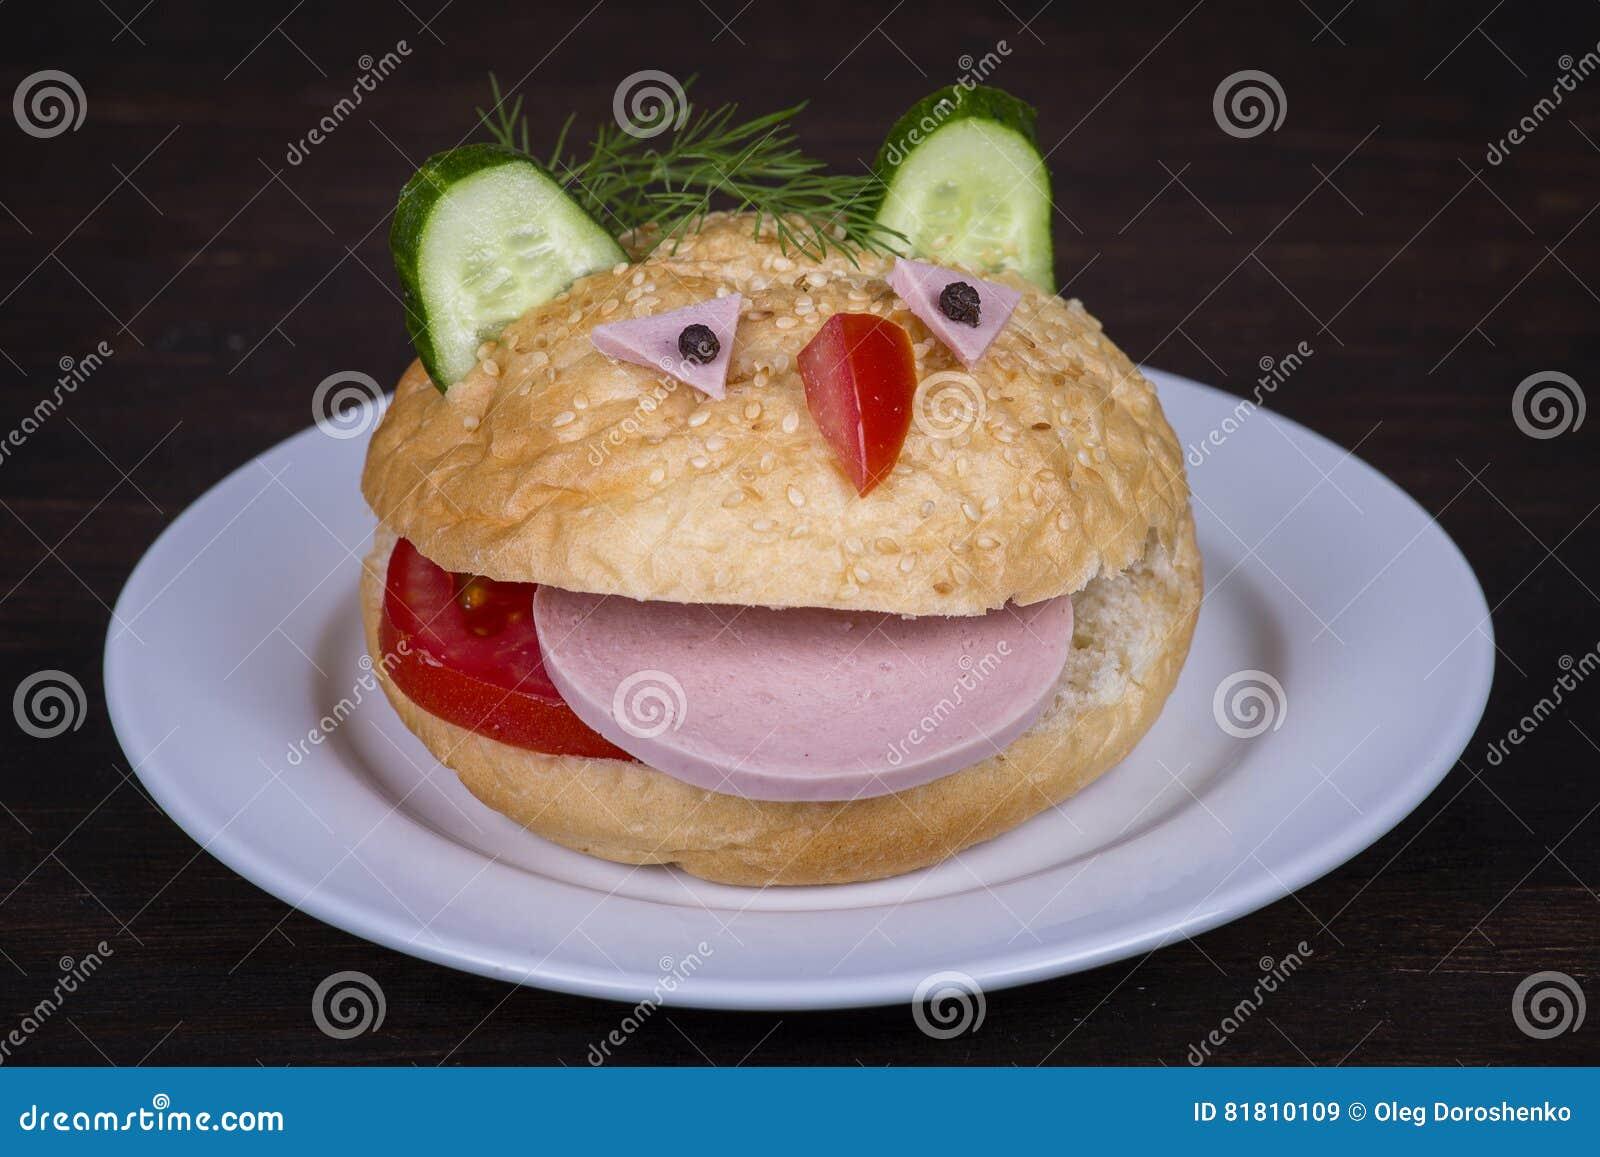 Еда потехи для детей - гамбургер выглядеть как смешной намордник